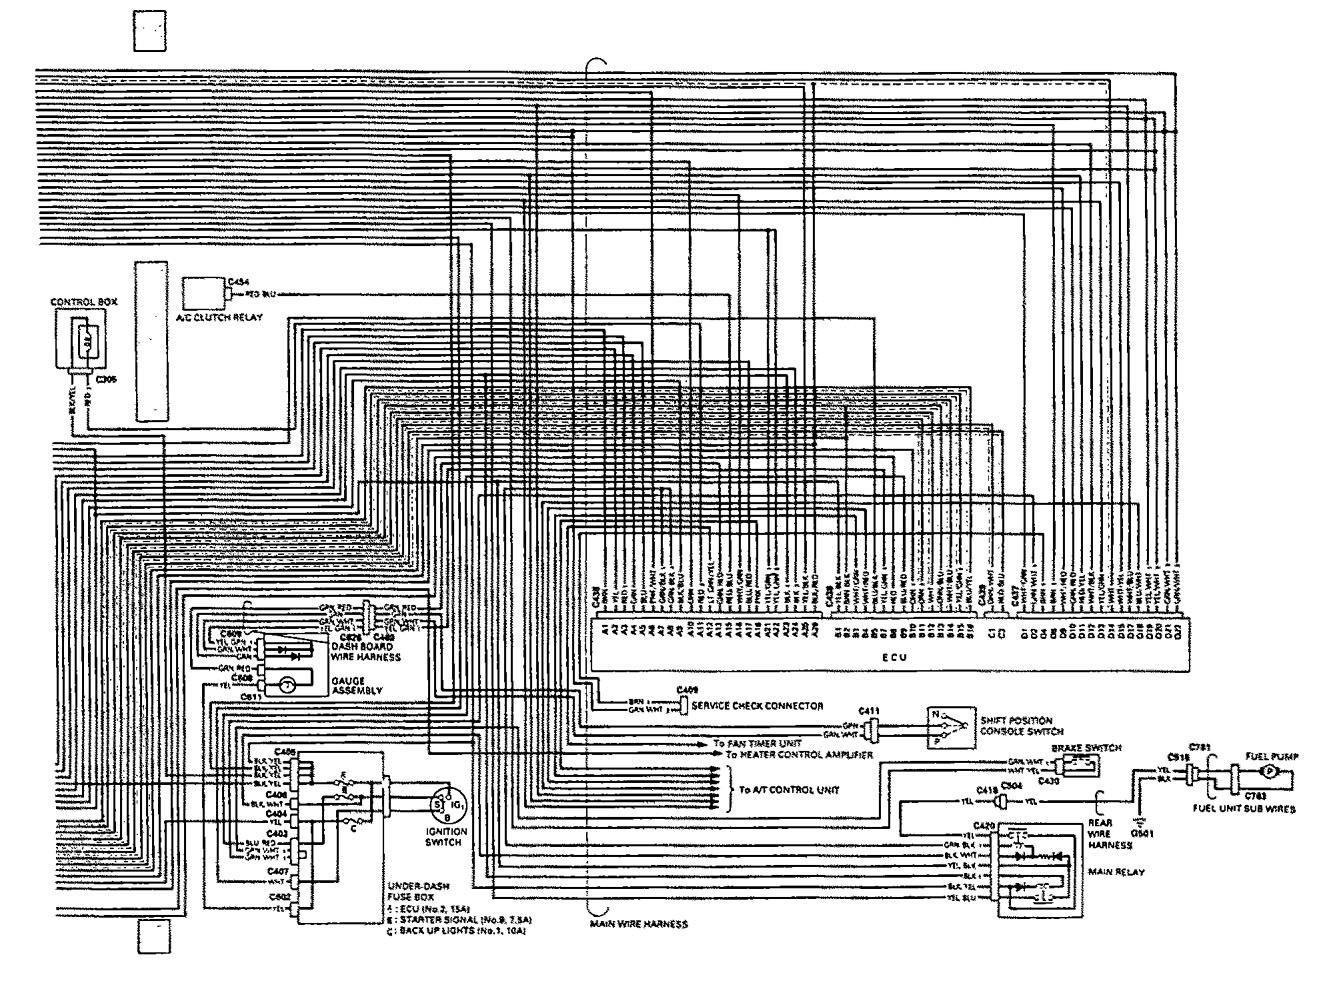 Acura Vigor Wiring Diagram : Acura vigor wiring diagrams fuel control